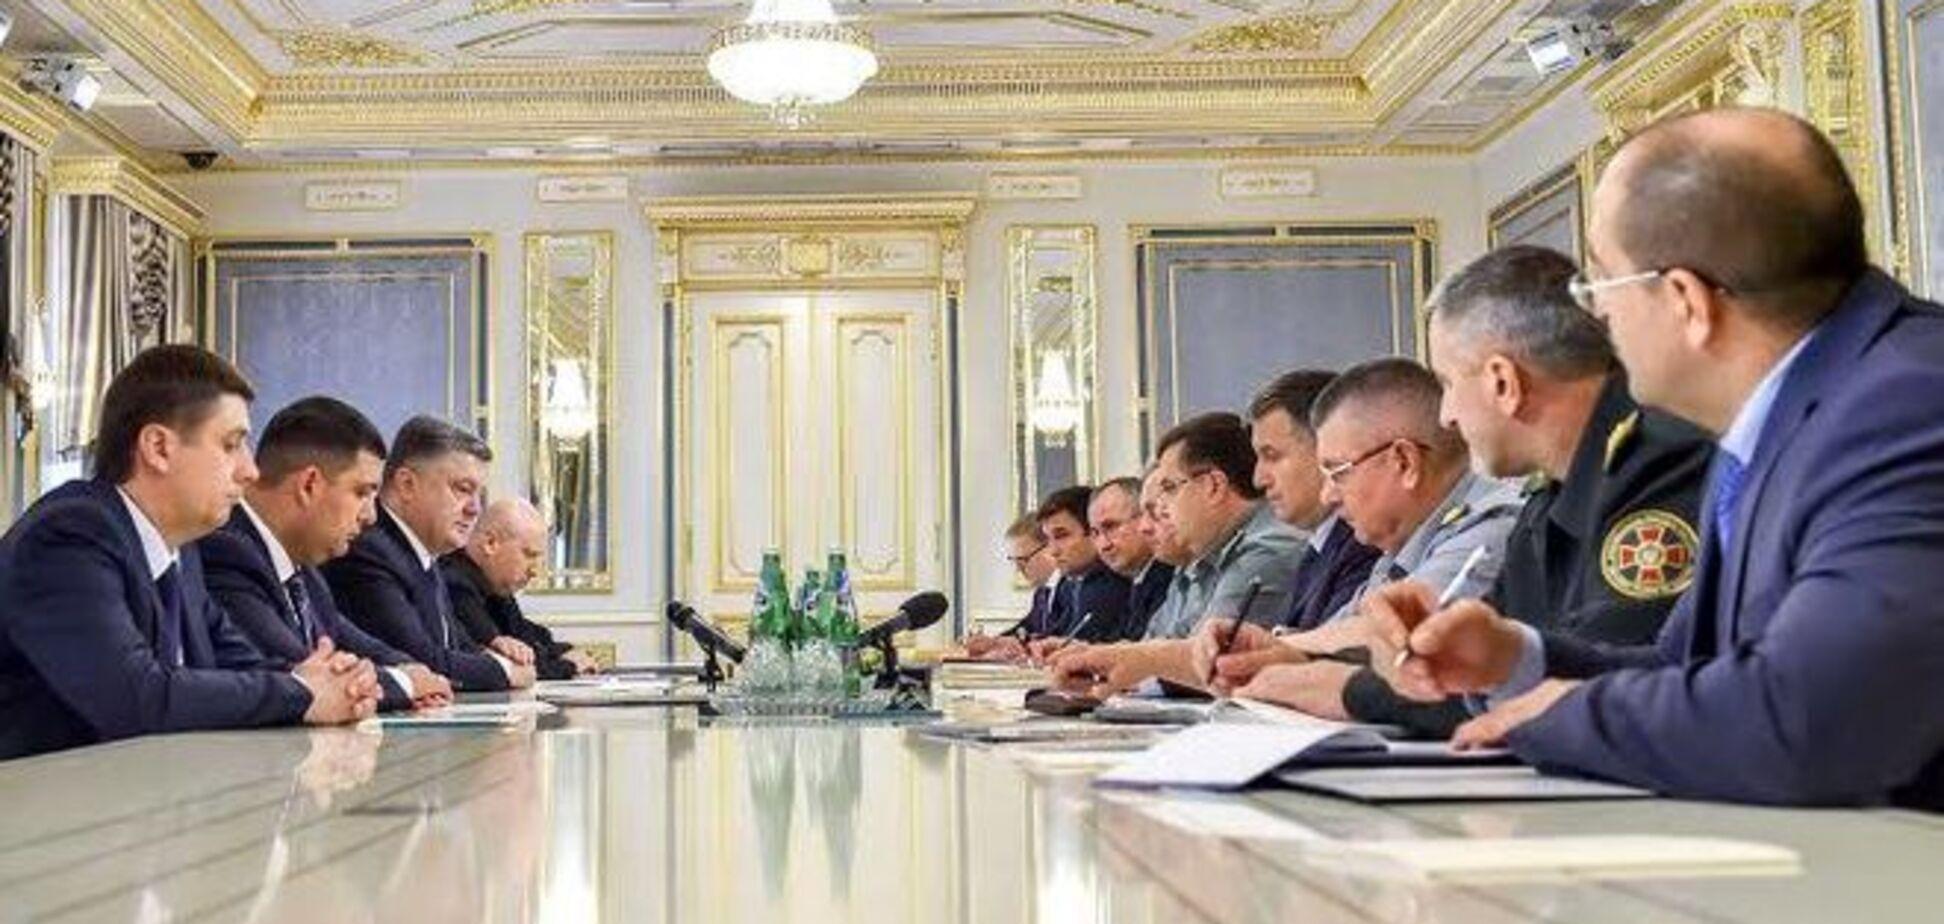 Порошенко о бойне в Мукачево: это дискредитация настоящих патриотов